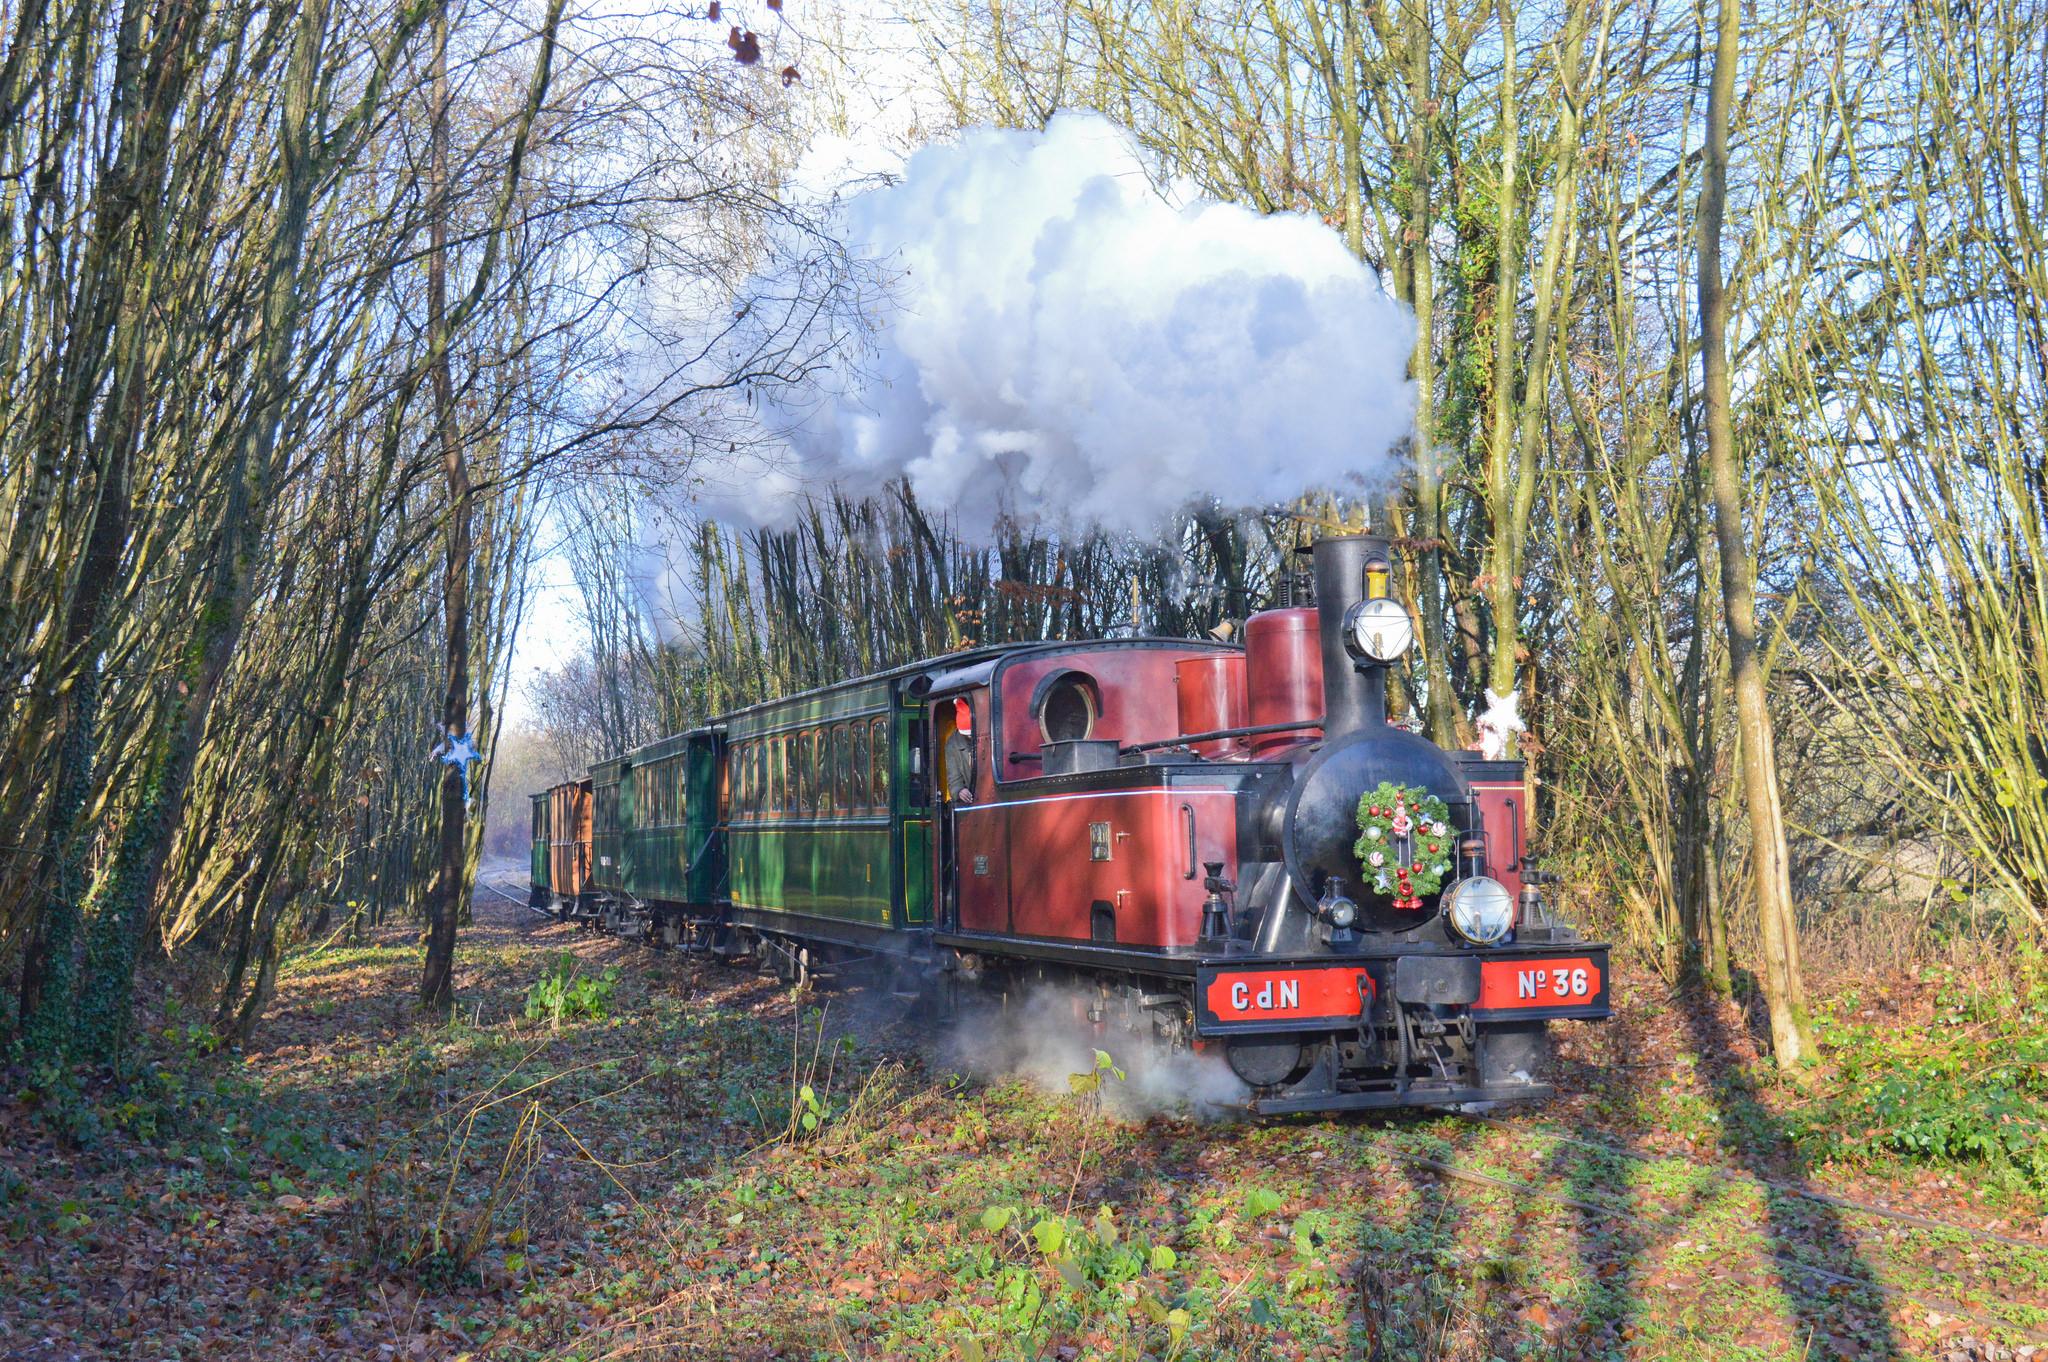 Train Du Pere Noel File:MTVS trains du père noël 2017.   Wikimedia Commons